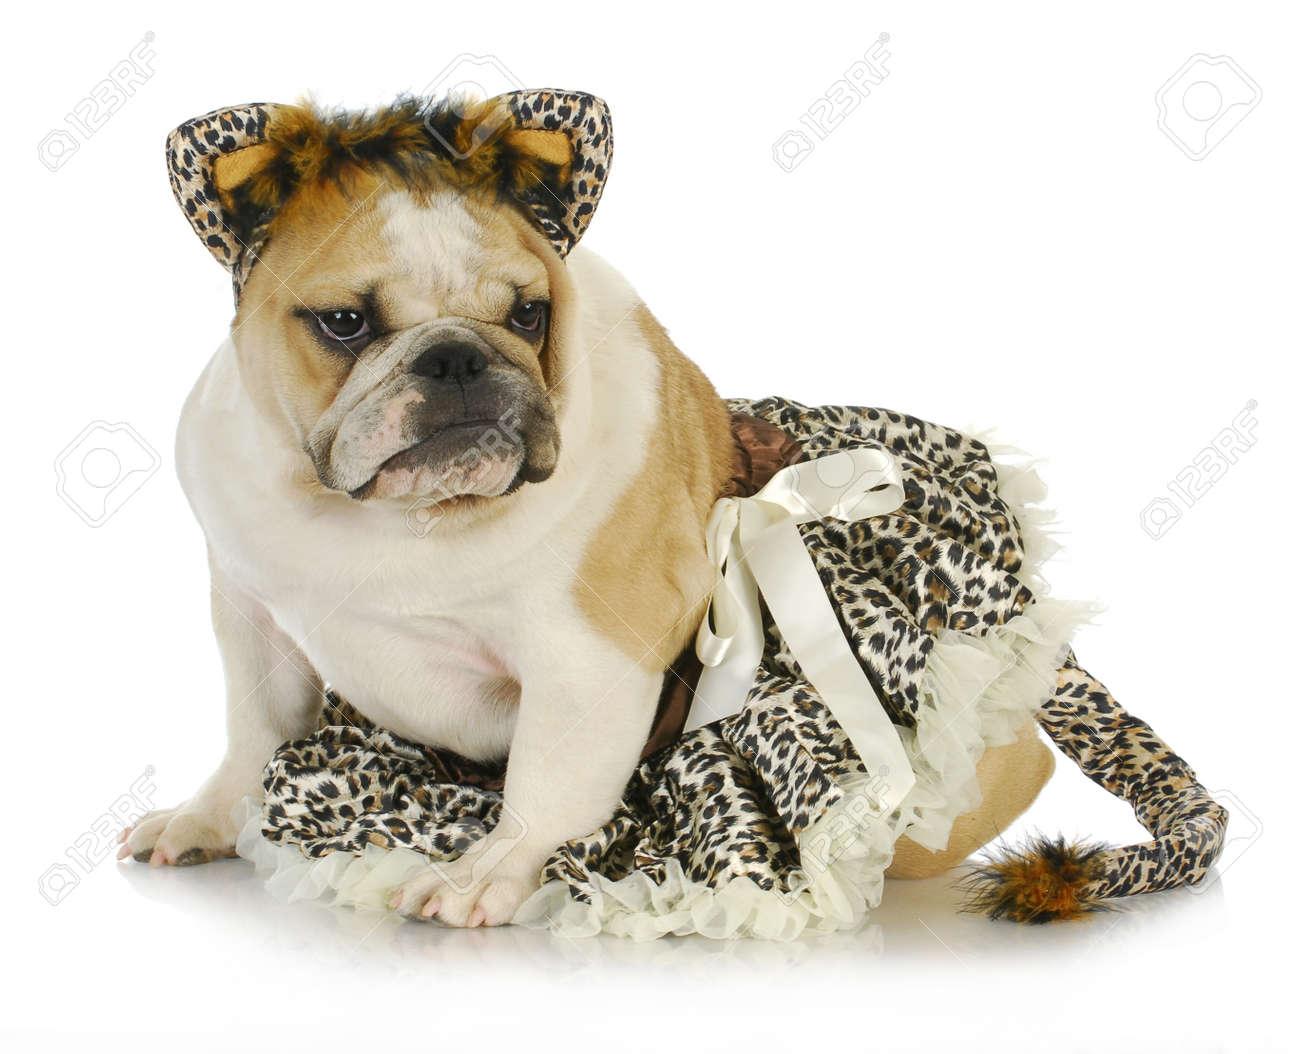 dog dressed like a cat - english bulldog wearing cat costume on white background Stock Photo  sc 1 st  123RF.com & Dog Dressed Like A Cat - English Bulldog Wearing Cat Costume.. Stock ...